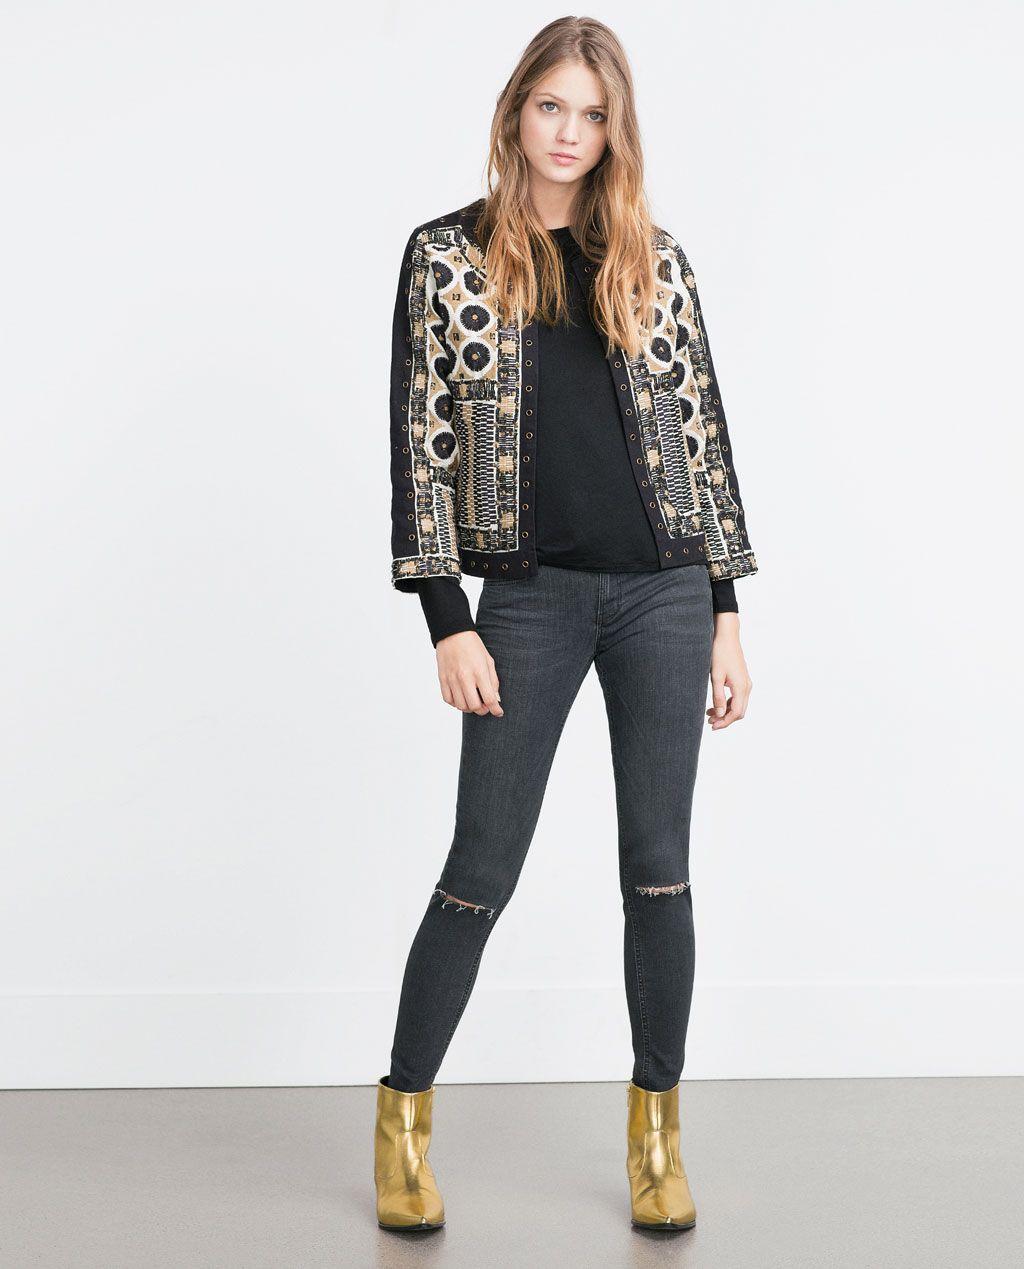 Zara Semana Chaqueta Última Bordados 70€ vNn0wm8O